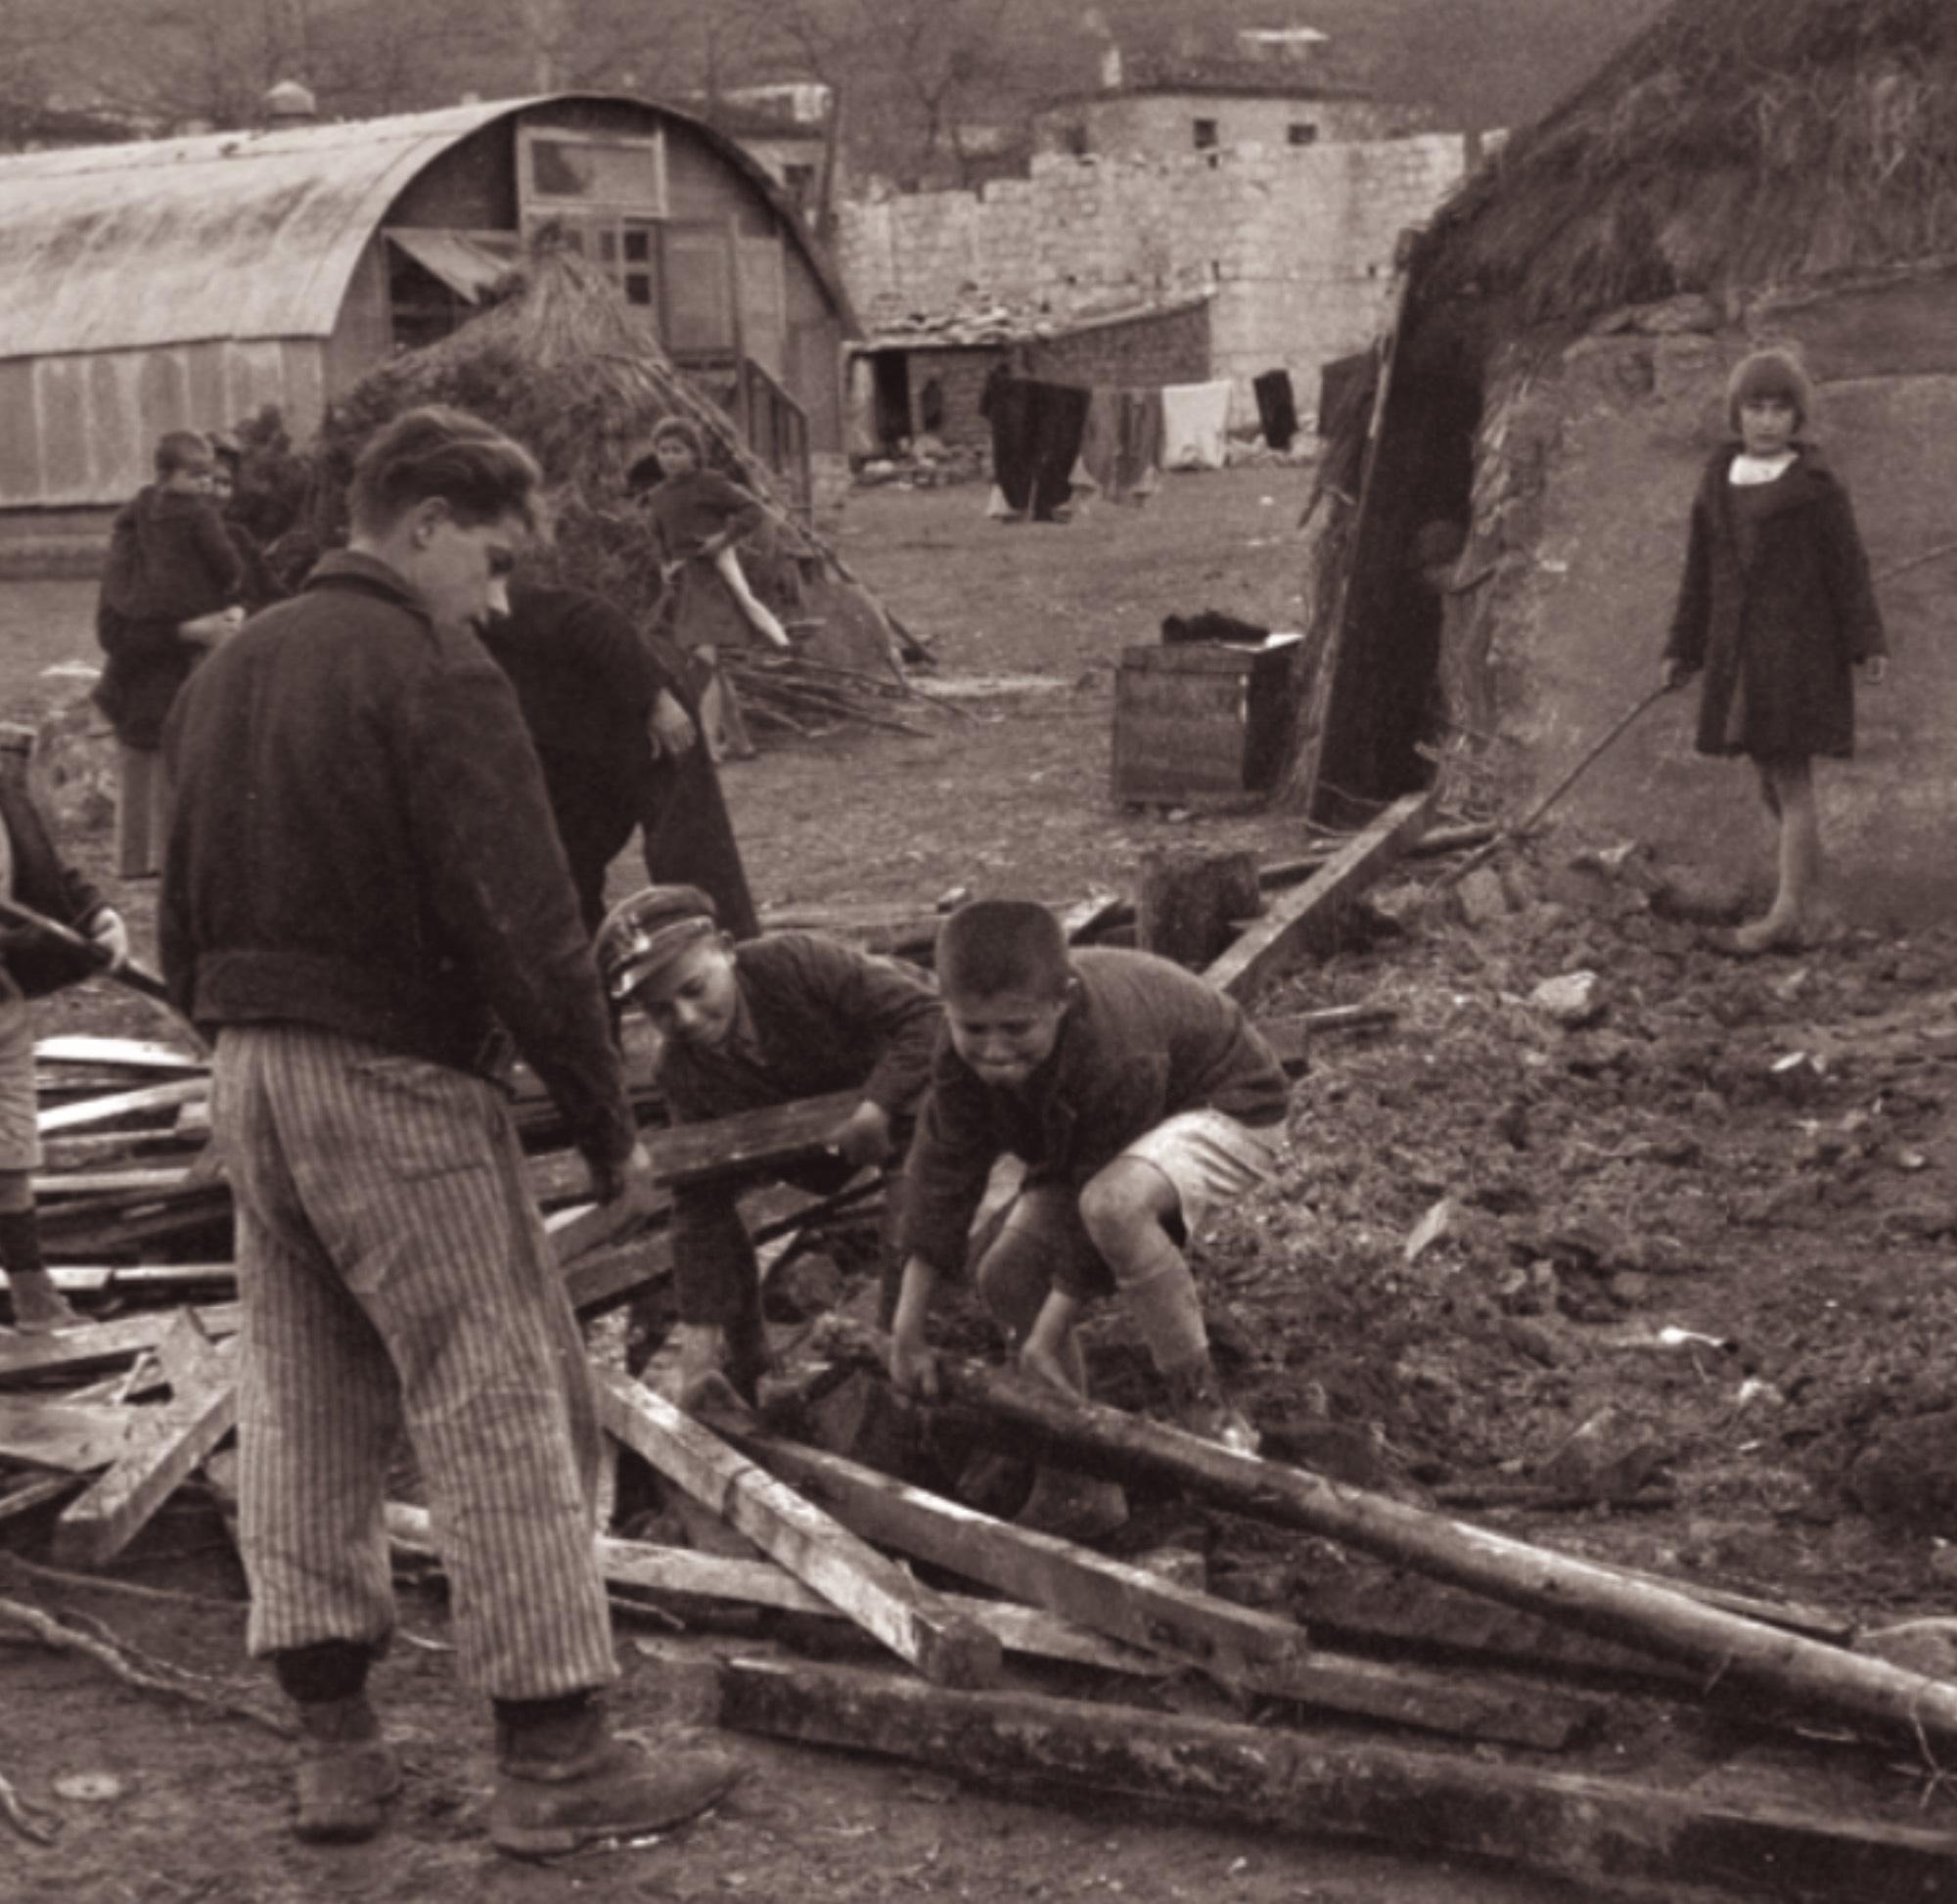 Το αμερικανικό πρόγραμμα αυτοστέγασης (1947-51) και η γέννηση της αντιπαροχής